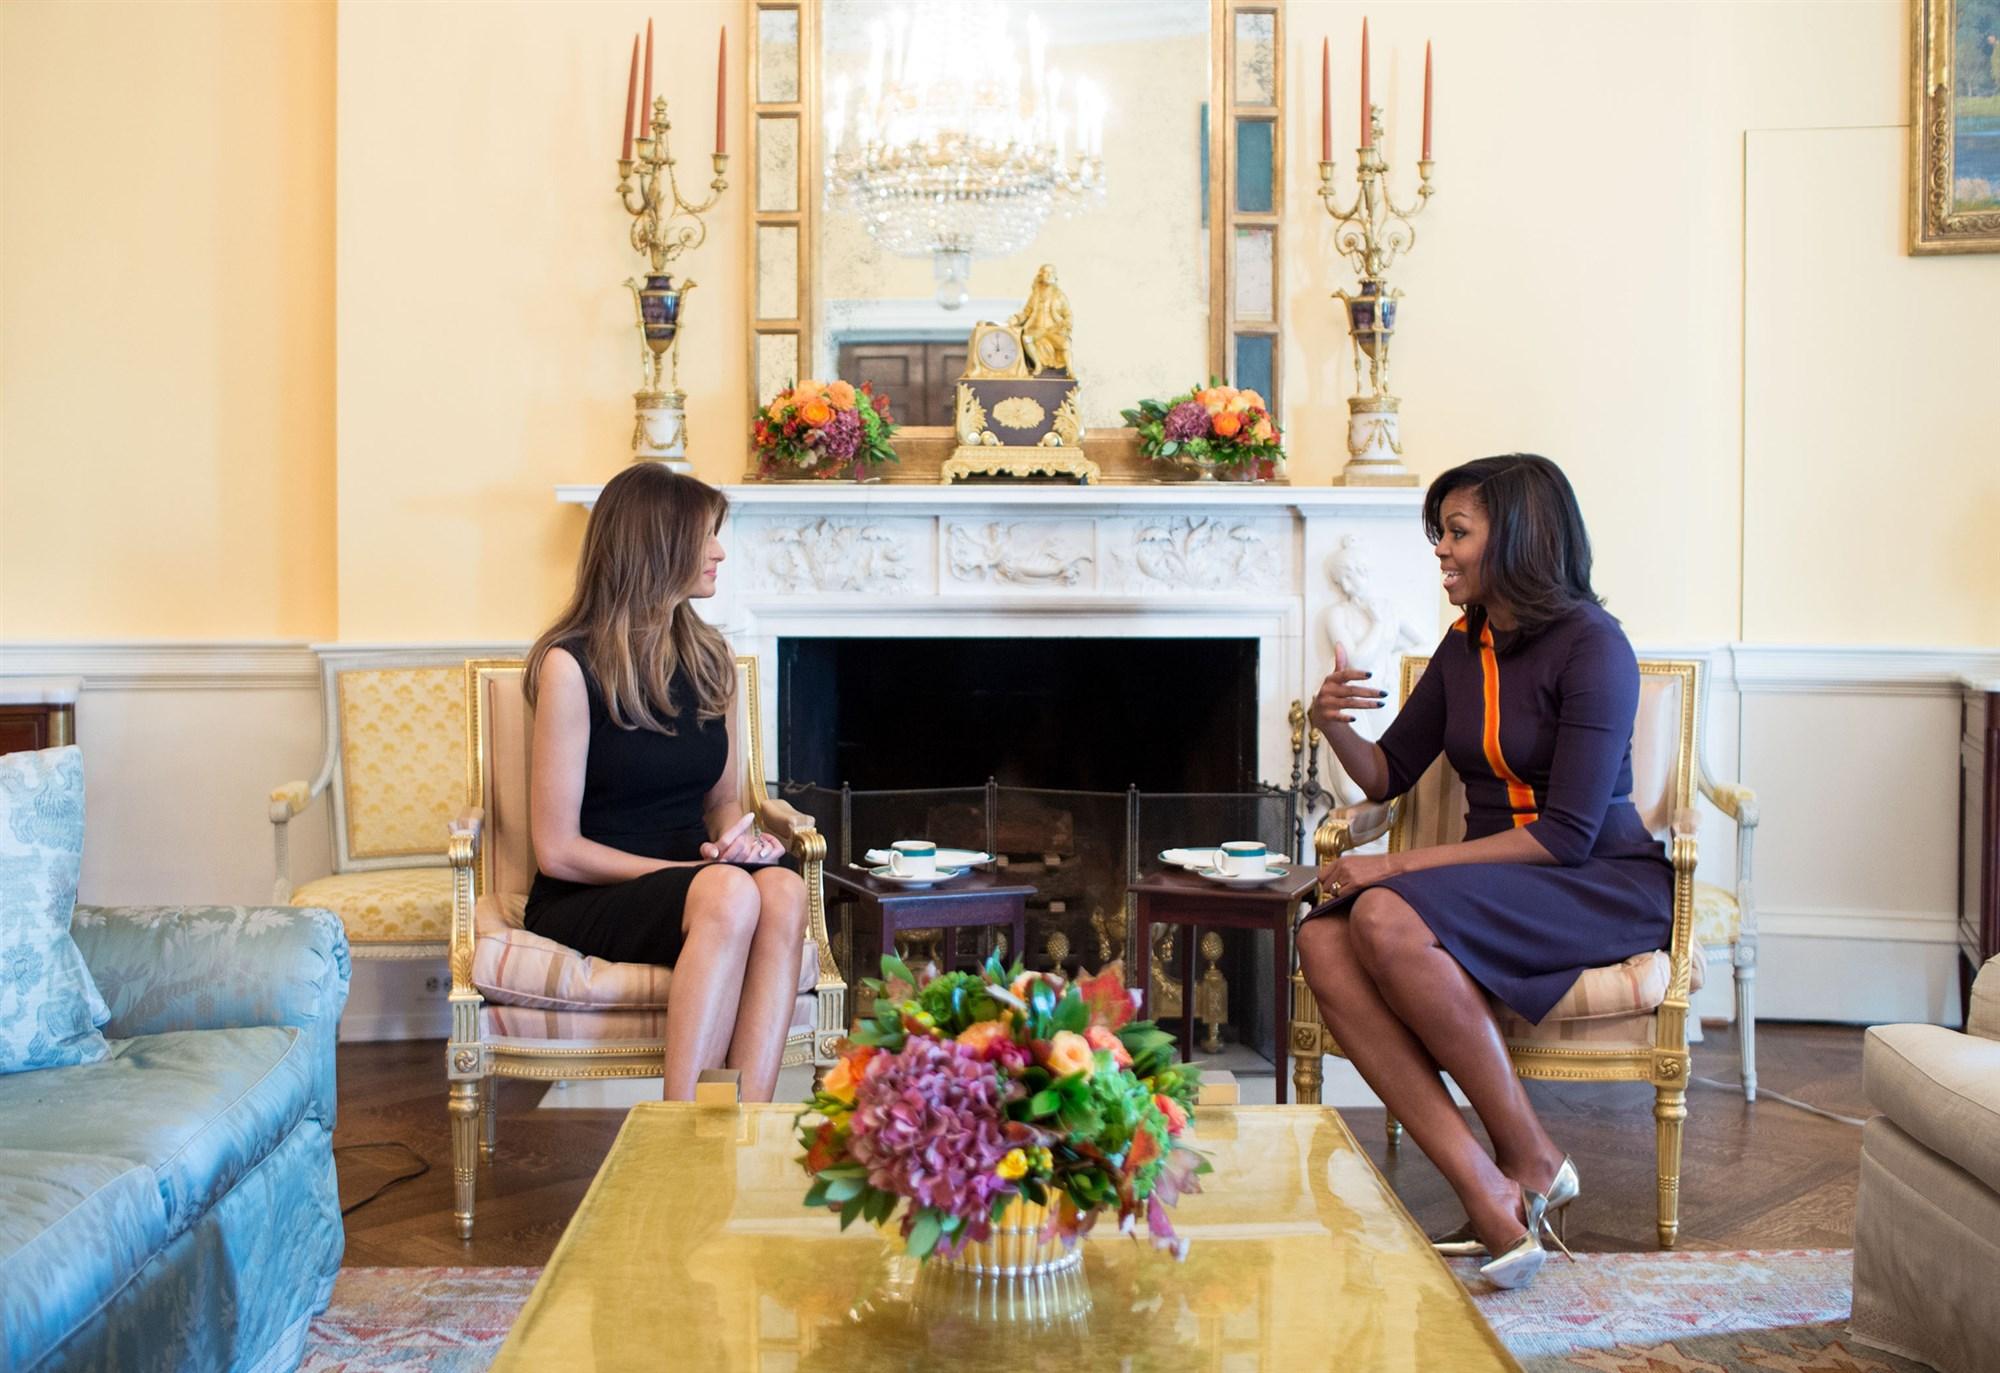 Cựu Đệ nhất phu nhân Michelle Obama đã chuyền giao quyền lực cho người kế nhiệm thế nào? - Ảnh 1